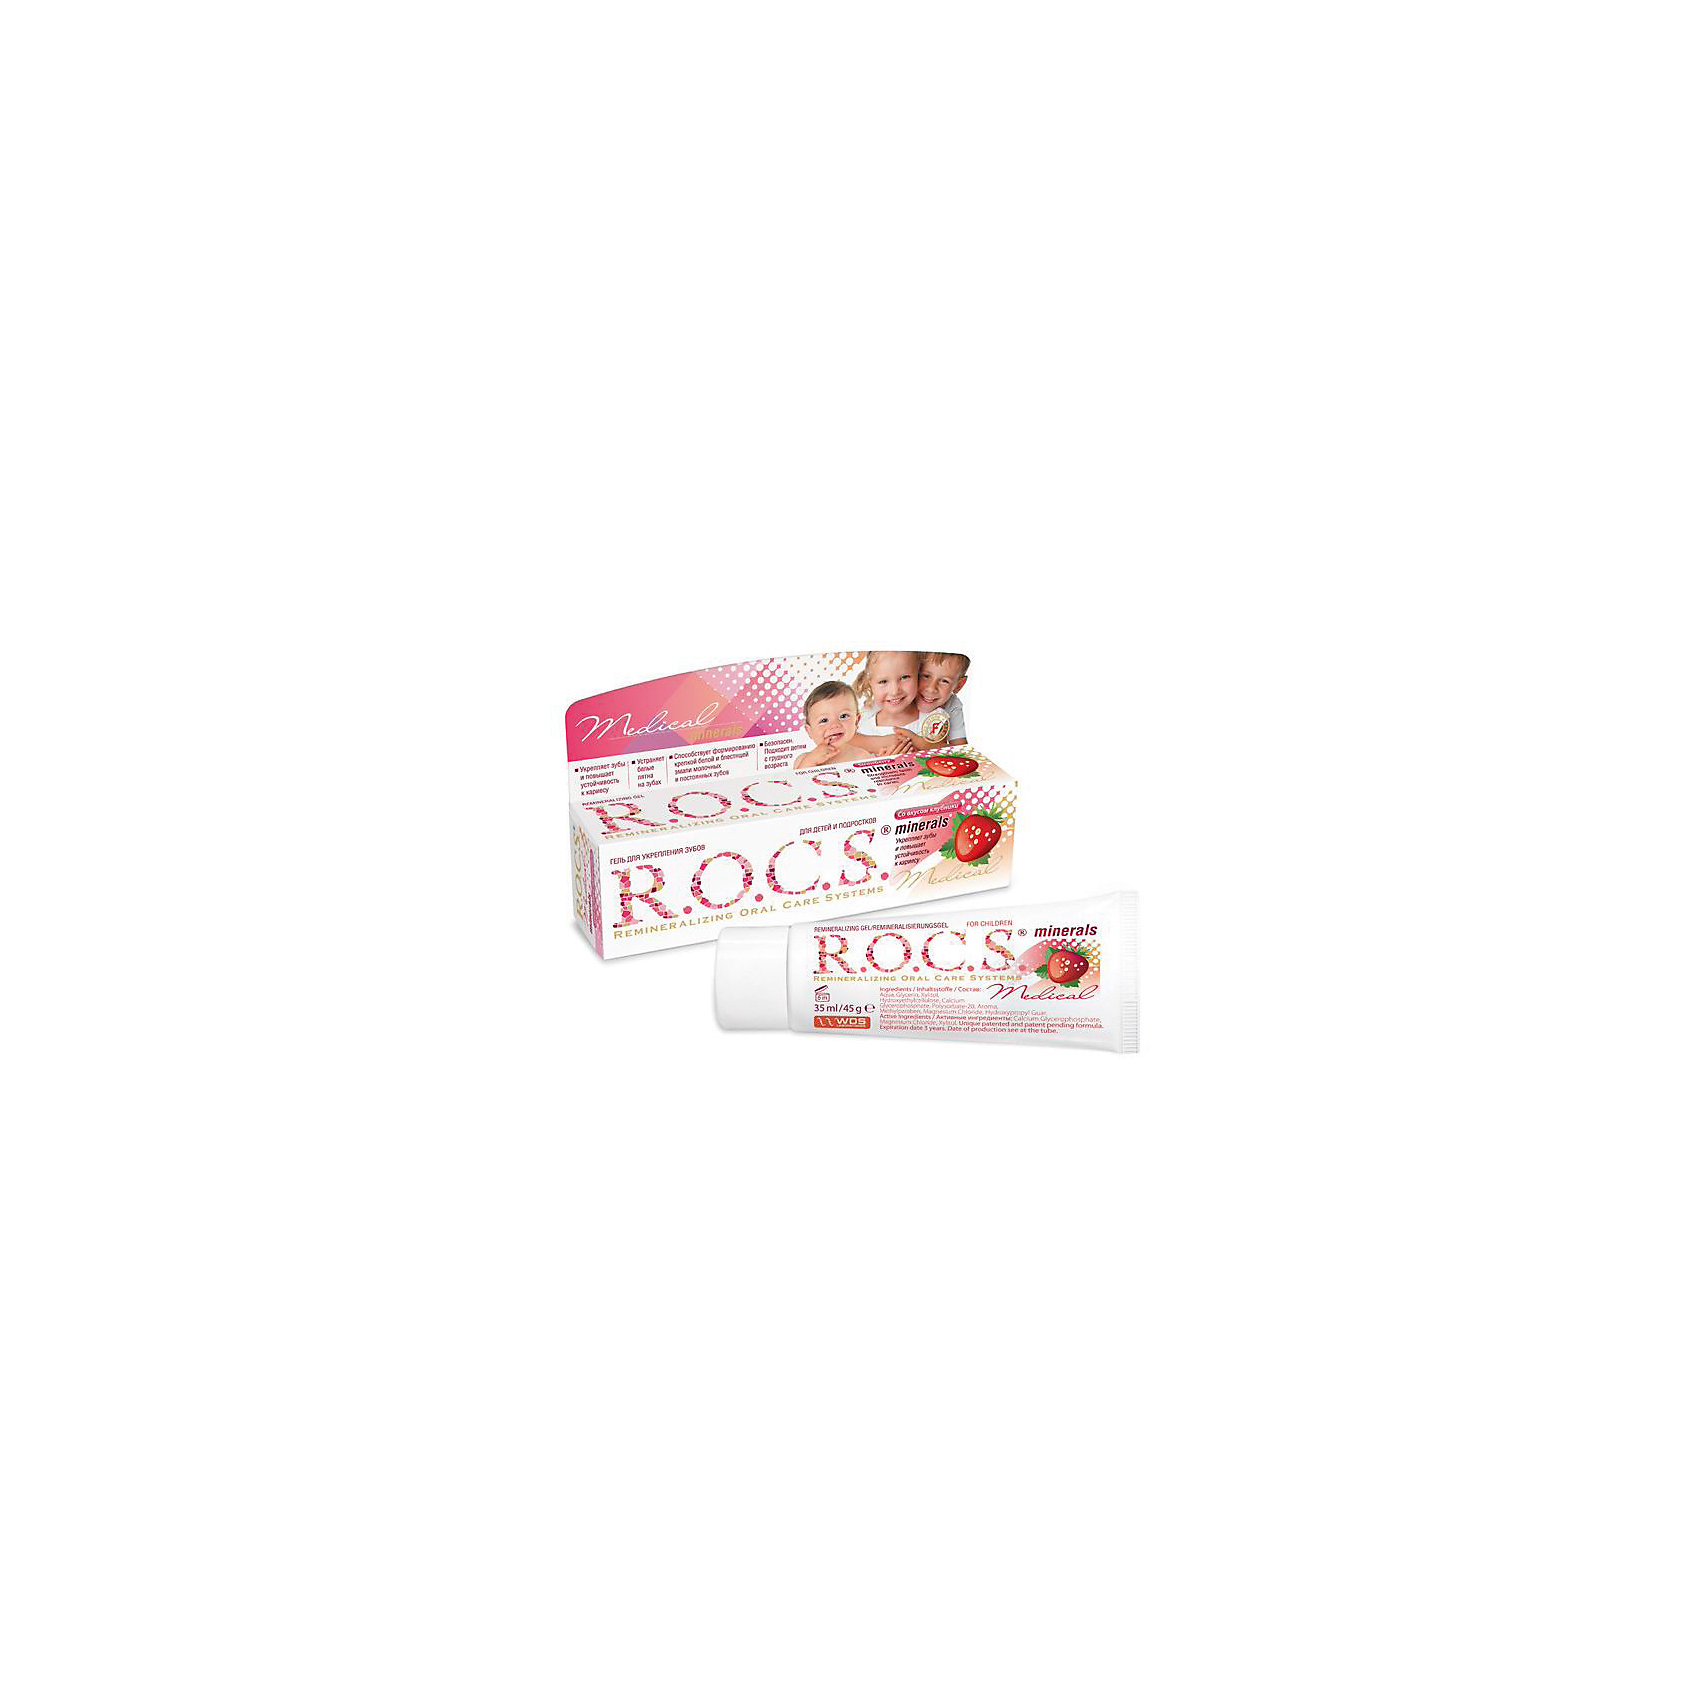 Гель для укрепления зубов Medical Minerals для детей и подростков со вкусом клубники, 45 гр., ROCS (R.O.C.S.)